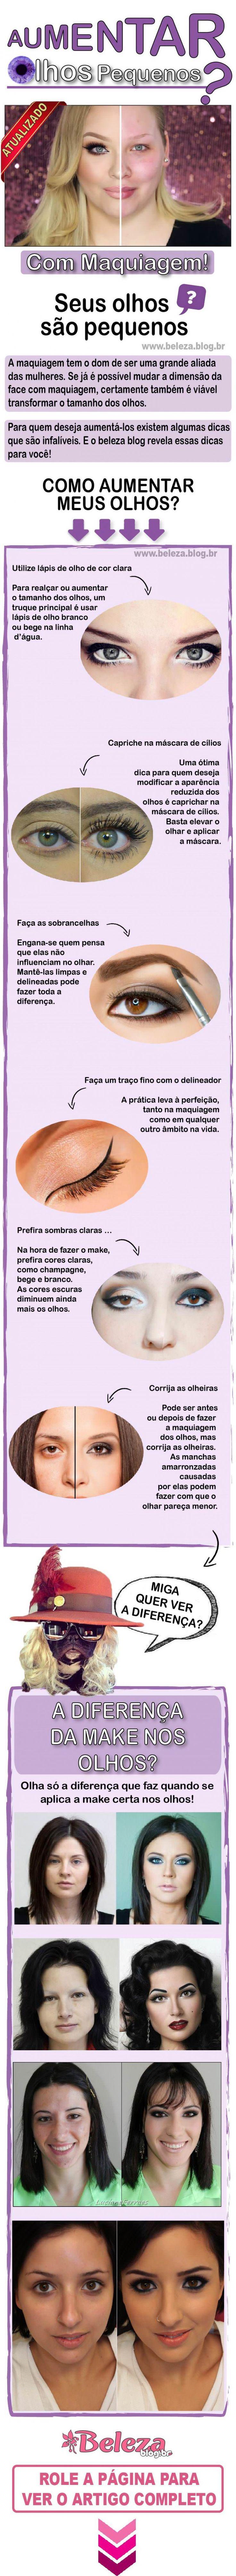 Maquiagem para Aumentar Olhos Pequenos